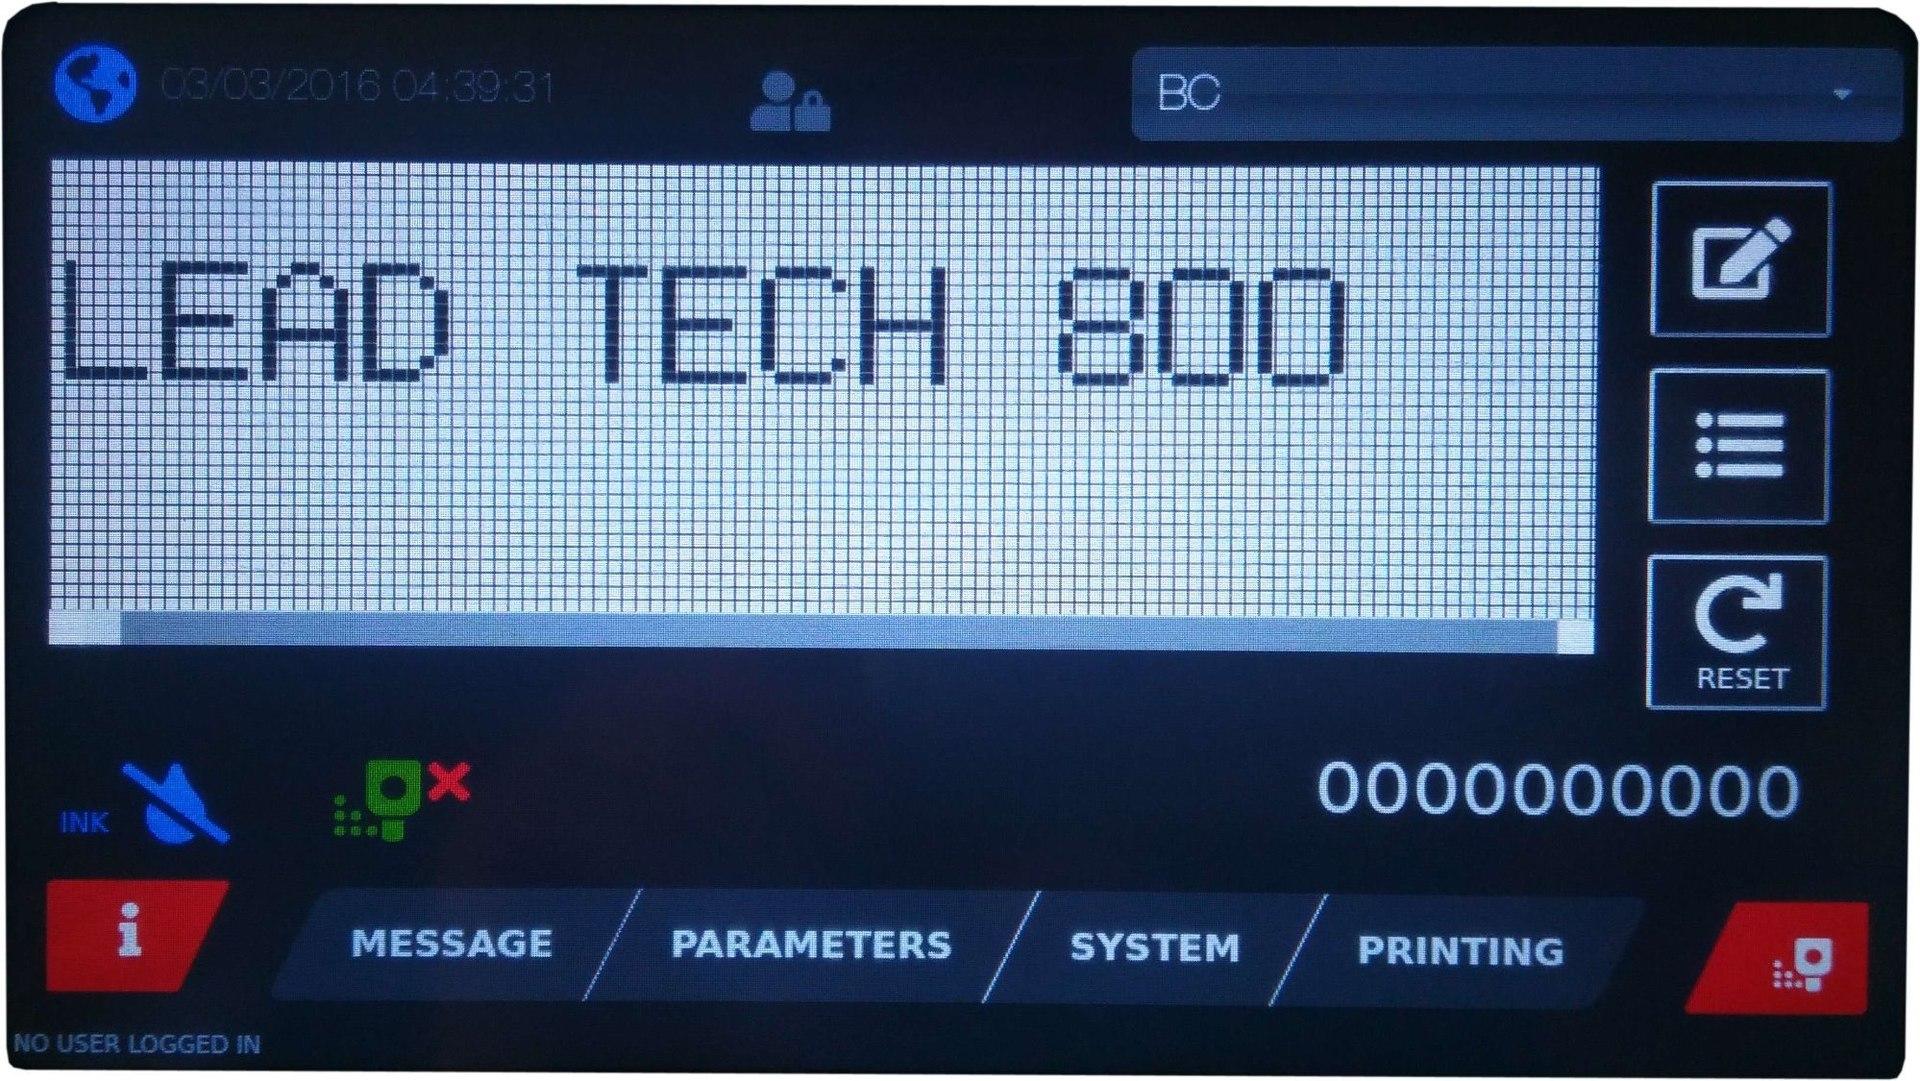 Lt800 PVC Pipe Marking Coding Cij Inkjet Printer